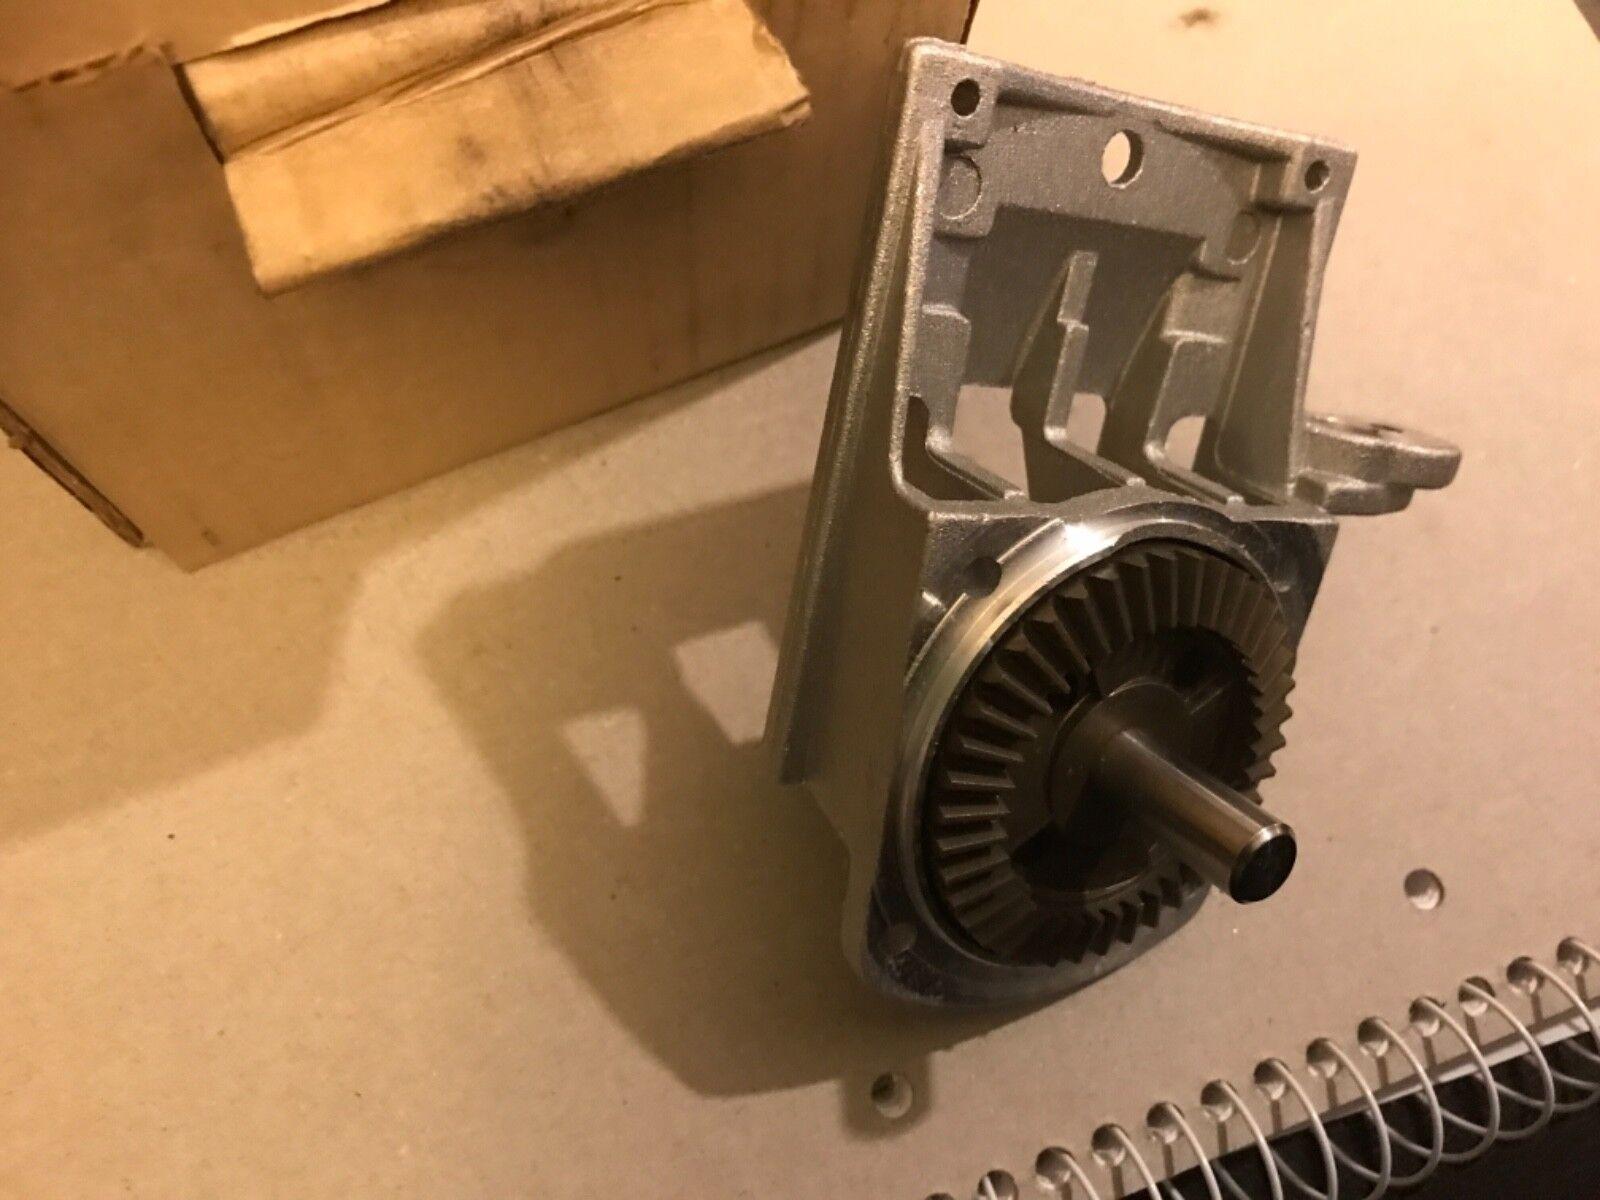 Elu mbr100 type 1   dewalt Dw682k Gearcase Cover 147730-02